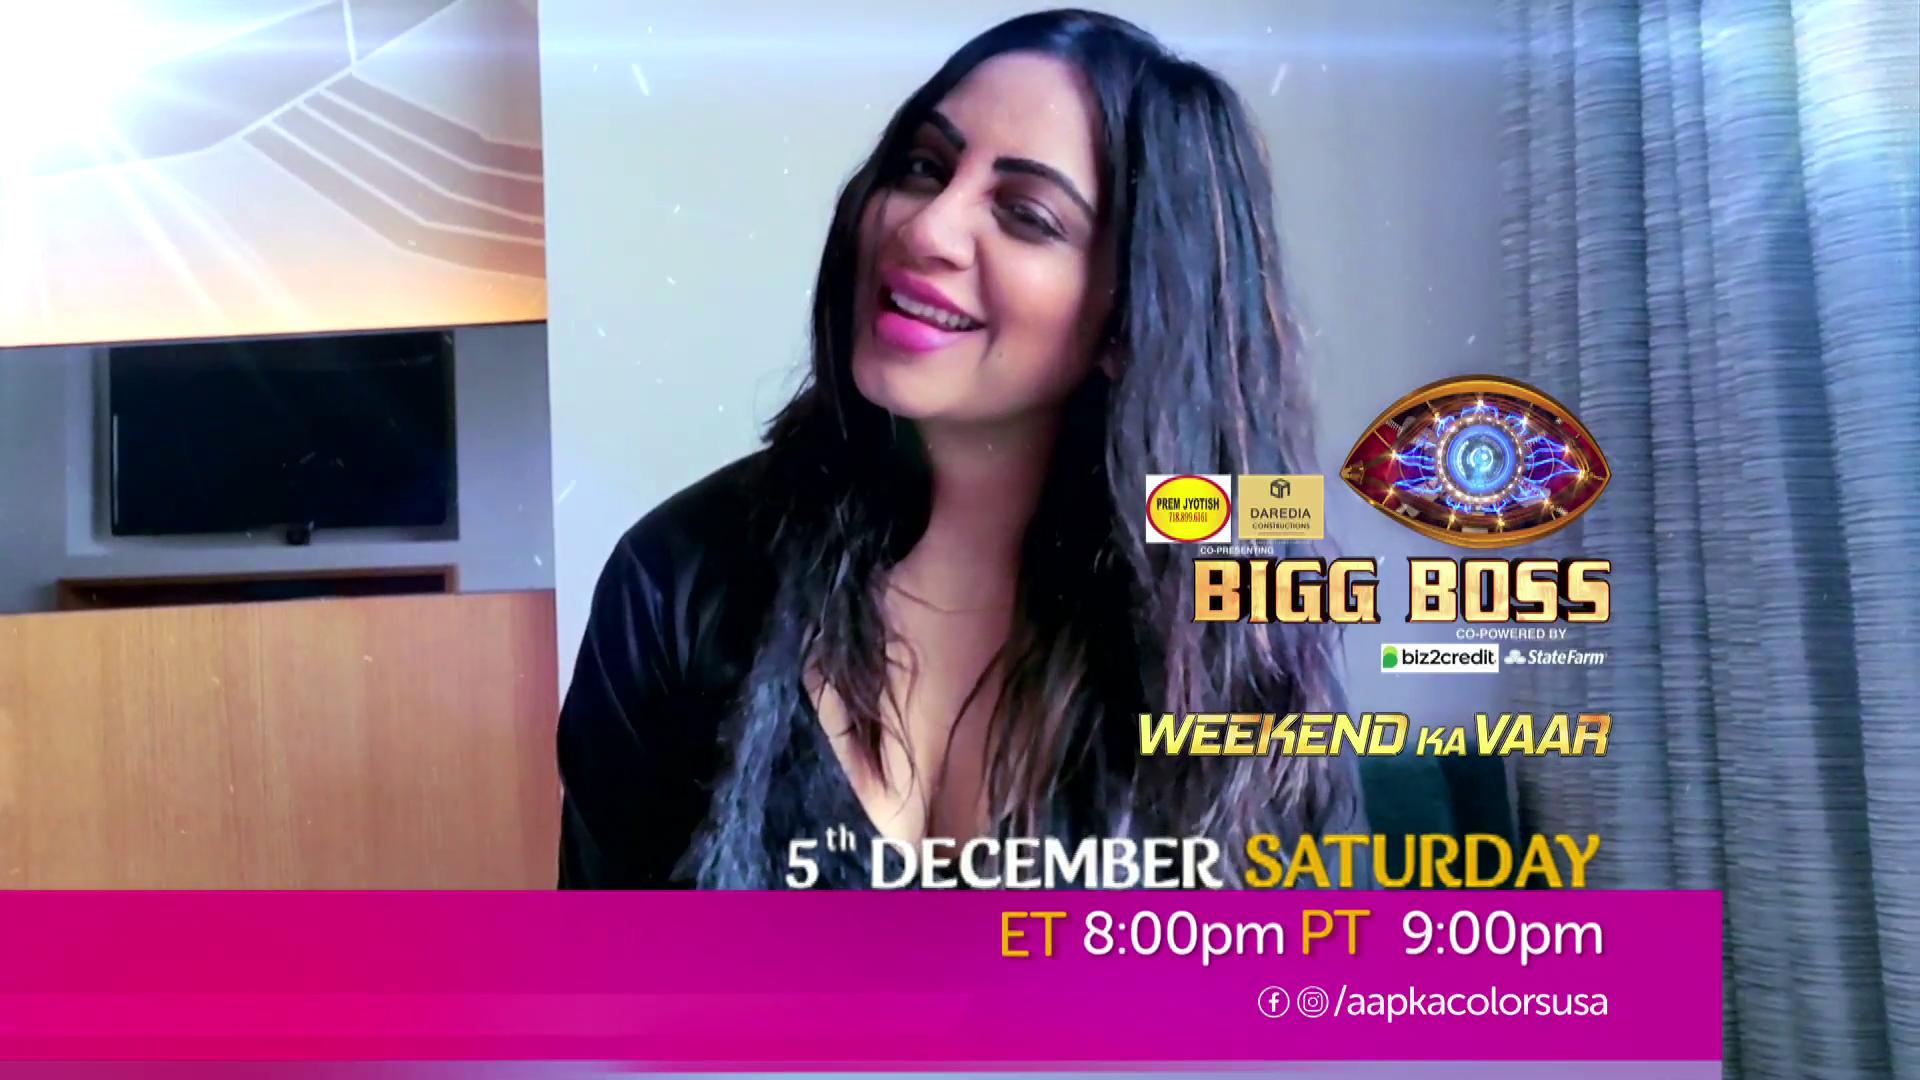 Watch Bigg Boss Weekend Ka Vaar Sat-Sun ET 8:00pm PT 9:00pm